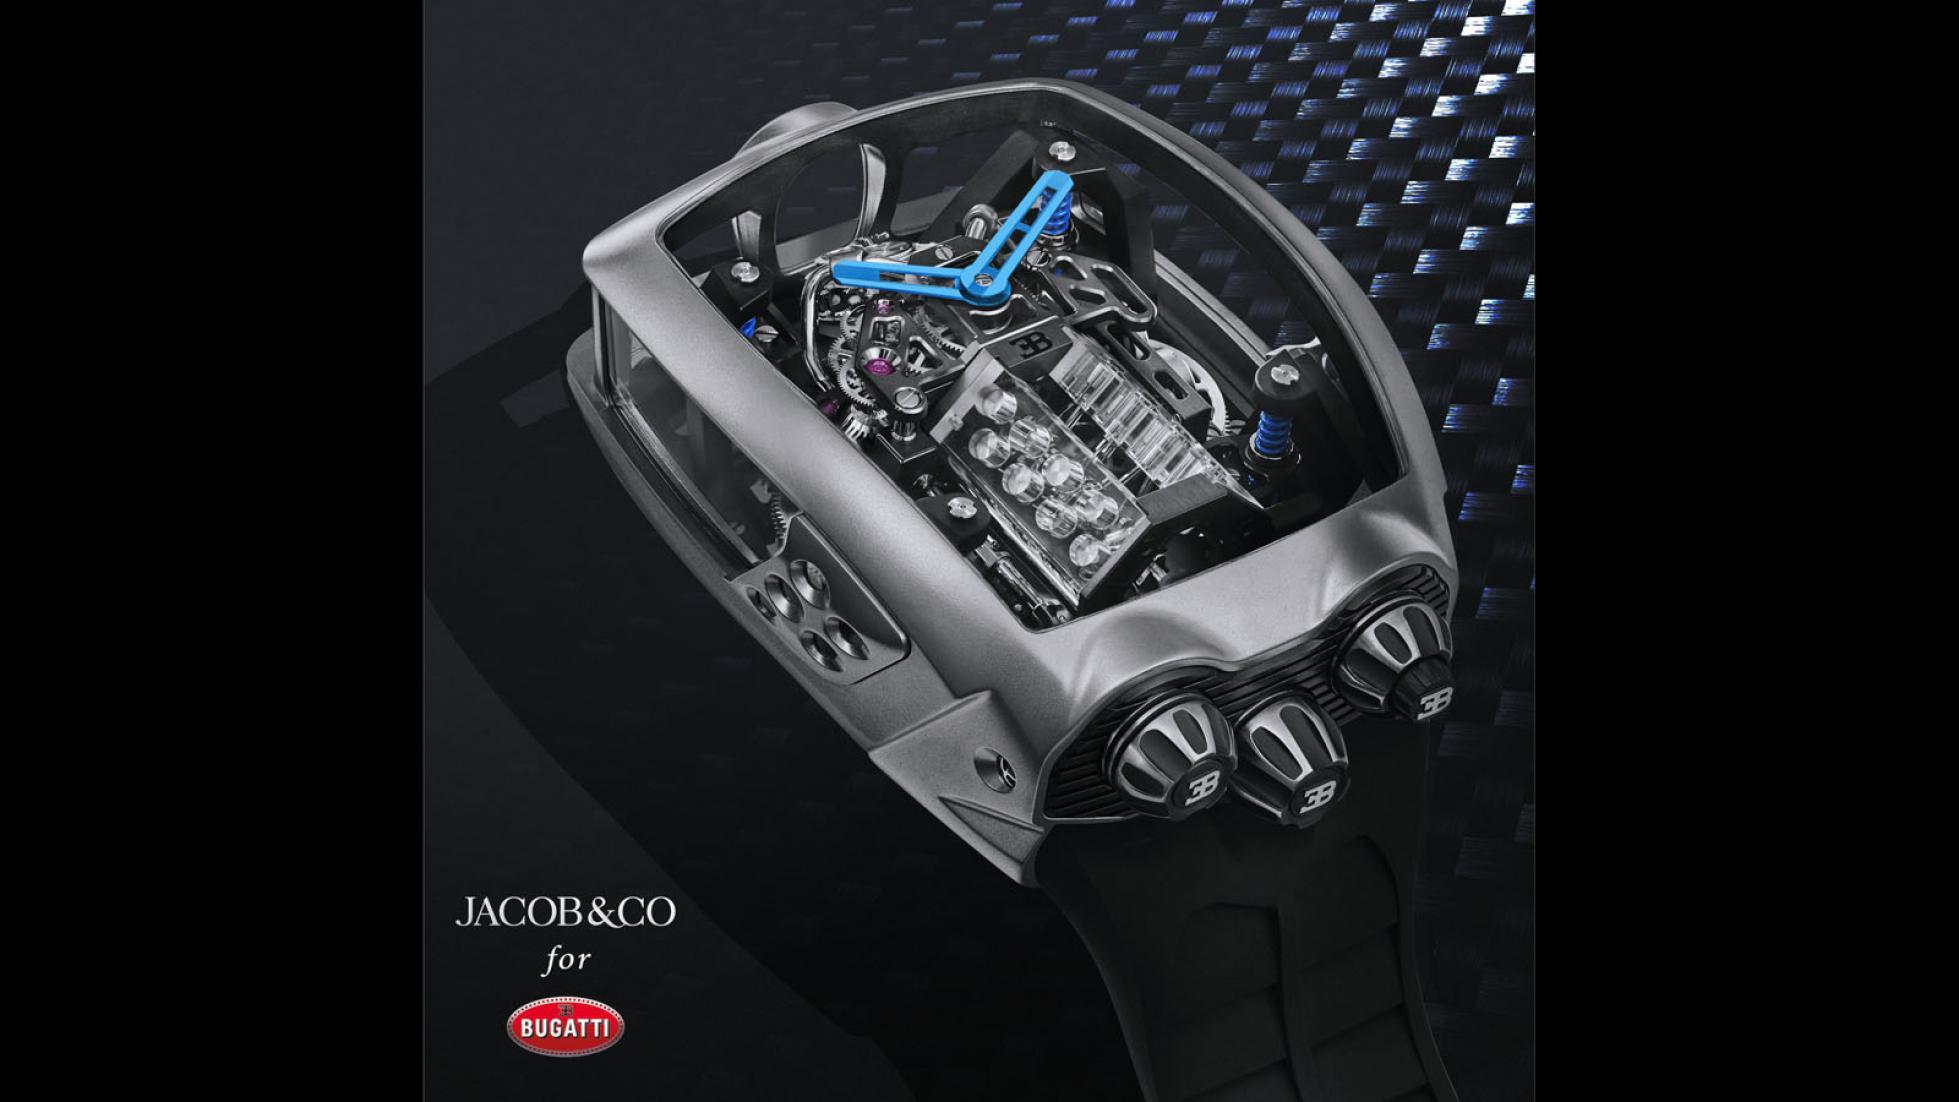 Hodinky Bugatti majú cenu drahého auta a miniatúrny šestnásťvalec 7yvt1J4bb5 jacob-co-bugatti-chiron